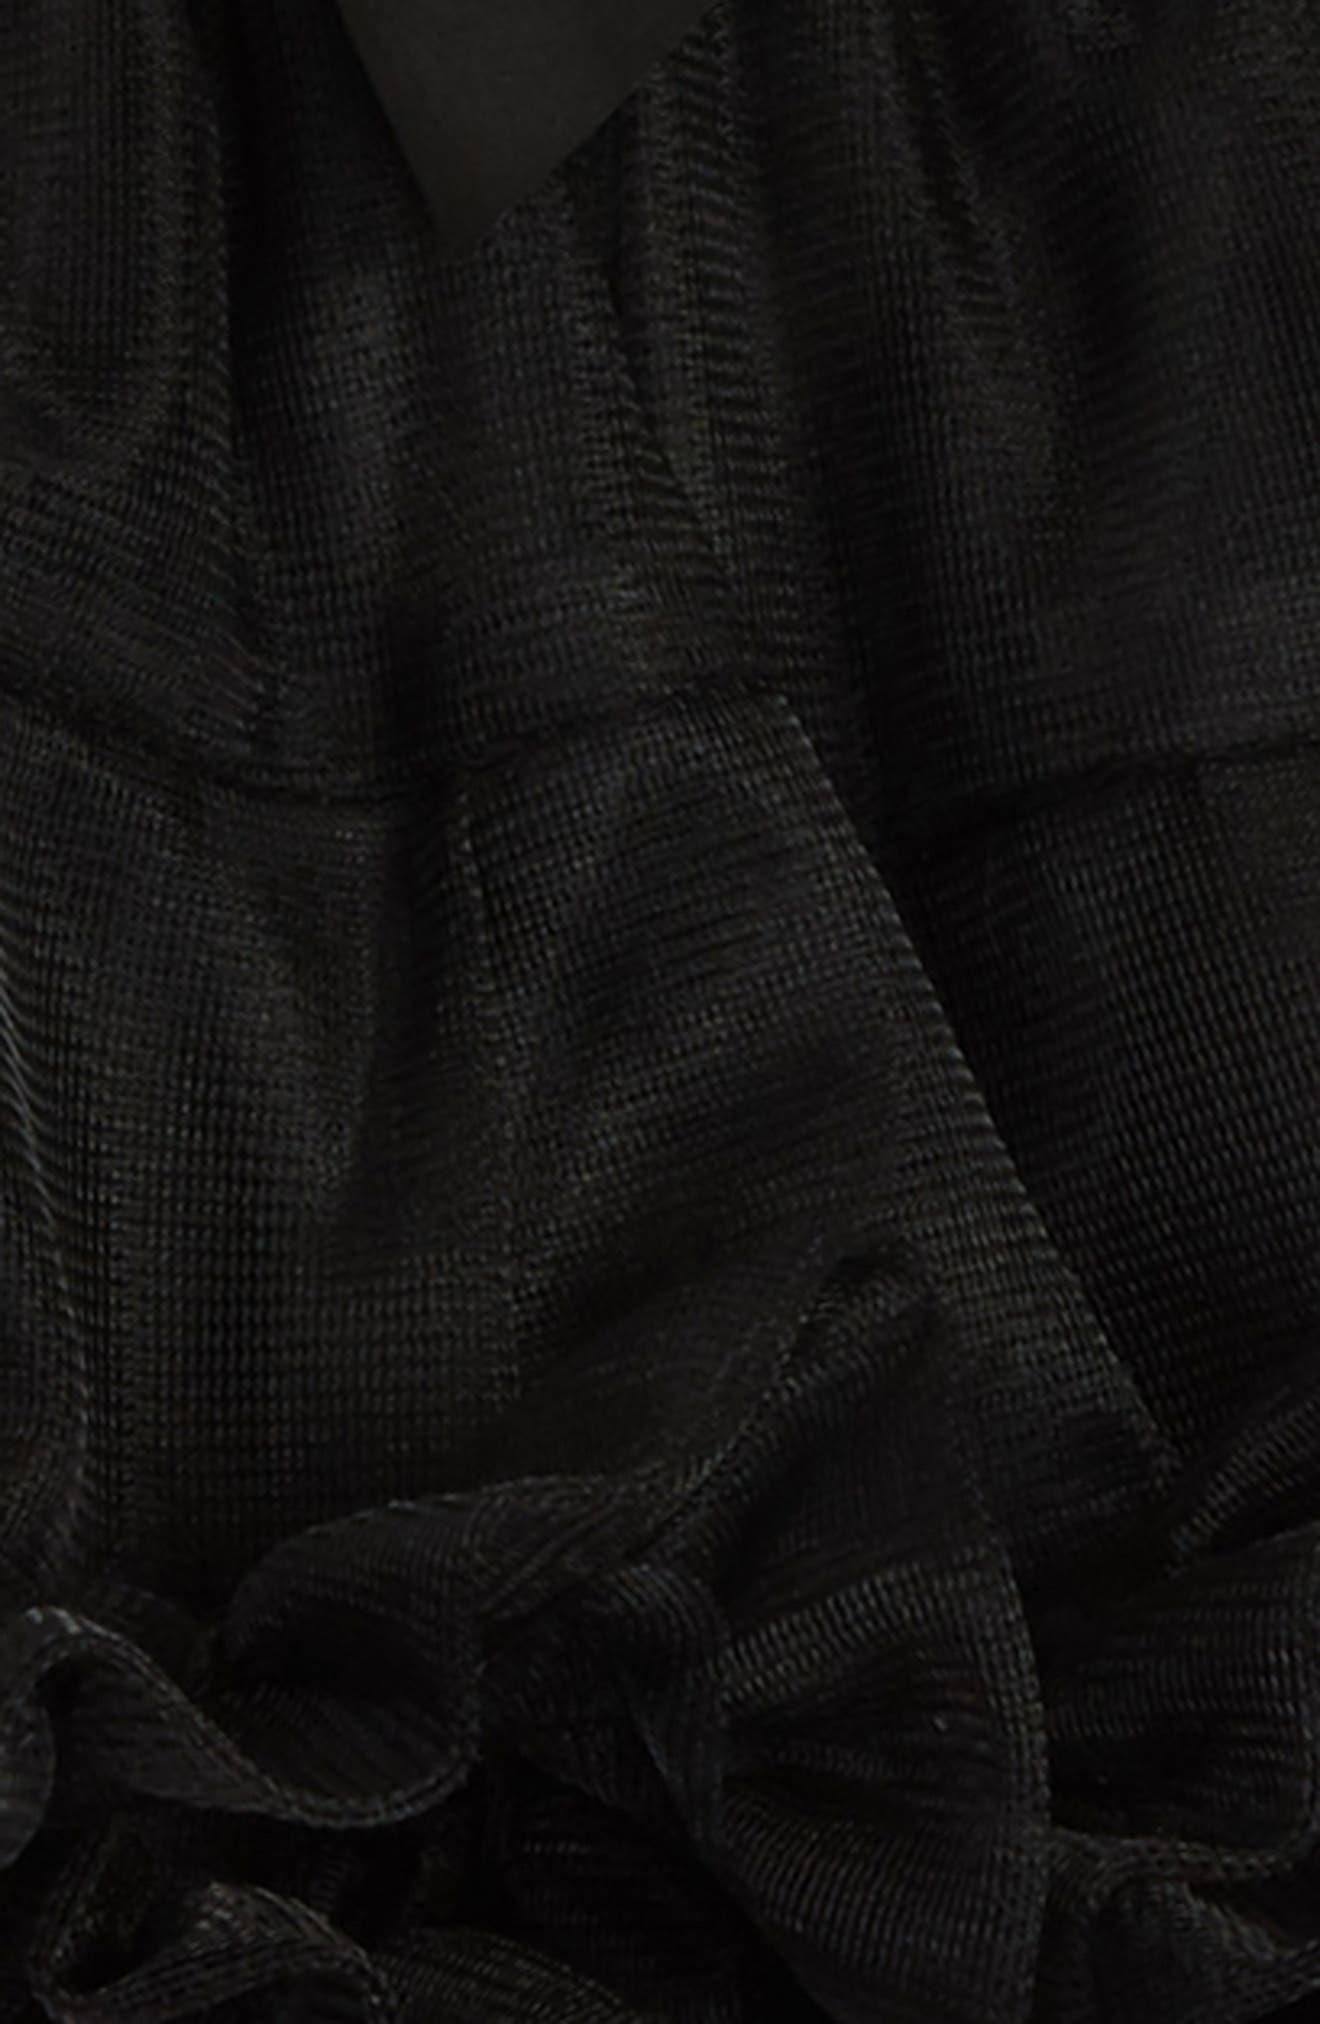 Tutu & Floral Appliqué Head Wrap Set,                             Alternate thumbnail 3, color,                             BLACK